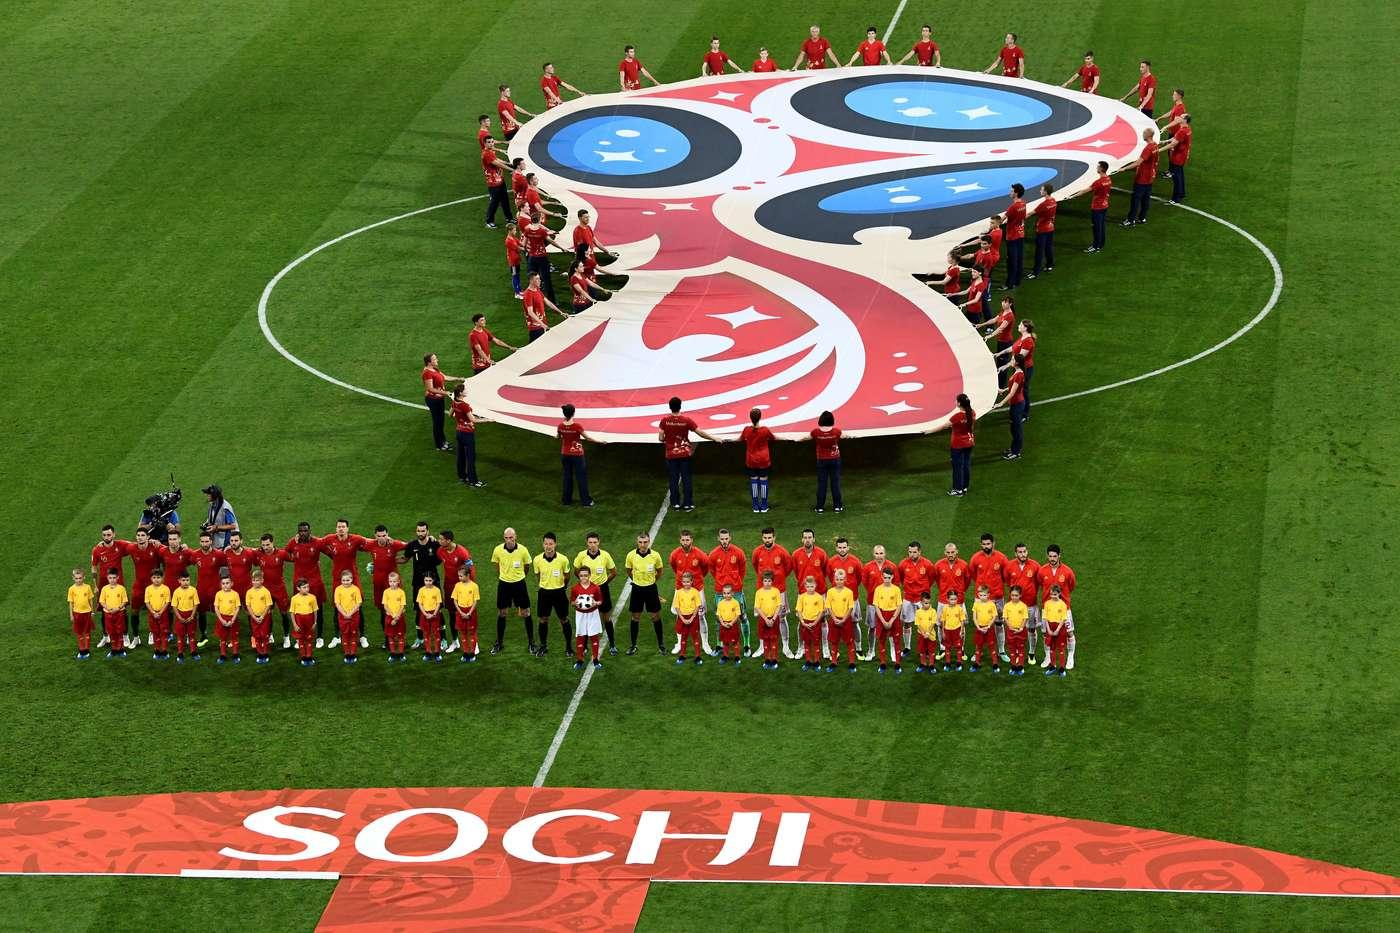 Gironi Mondiali Russia 2018 arrivo a pari punti: i criteri per il passaggio del turno